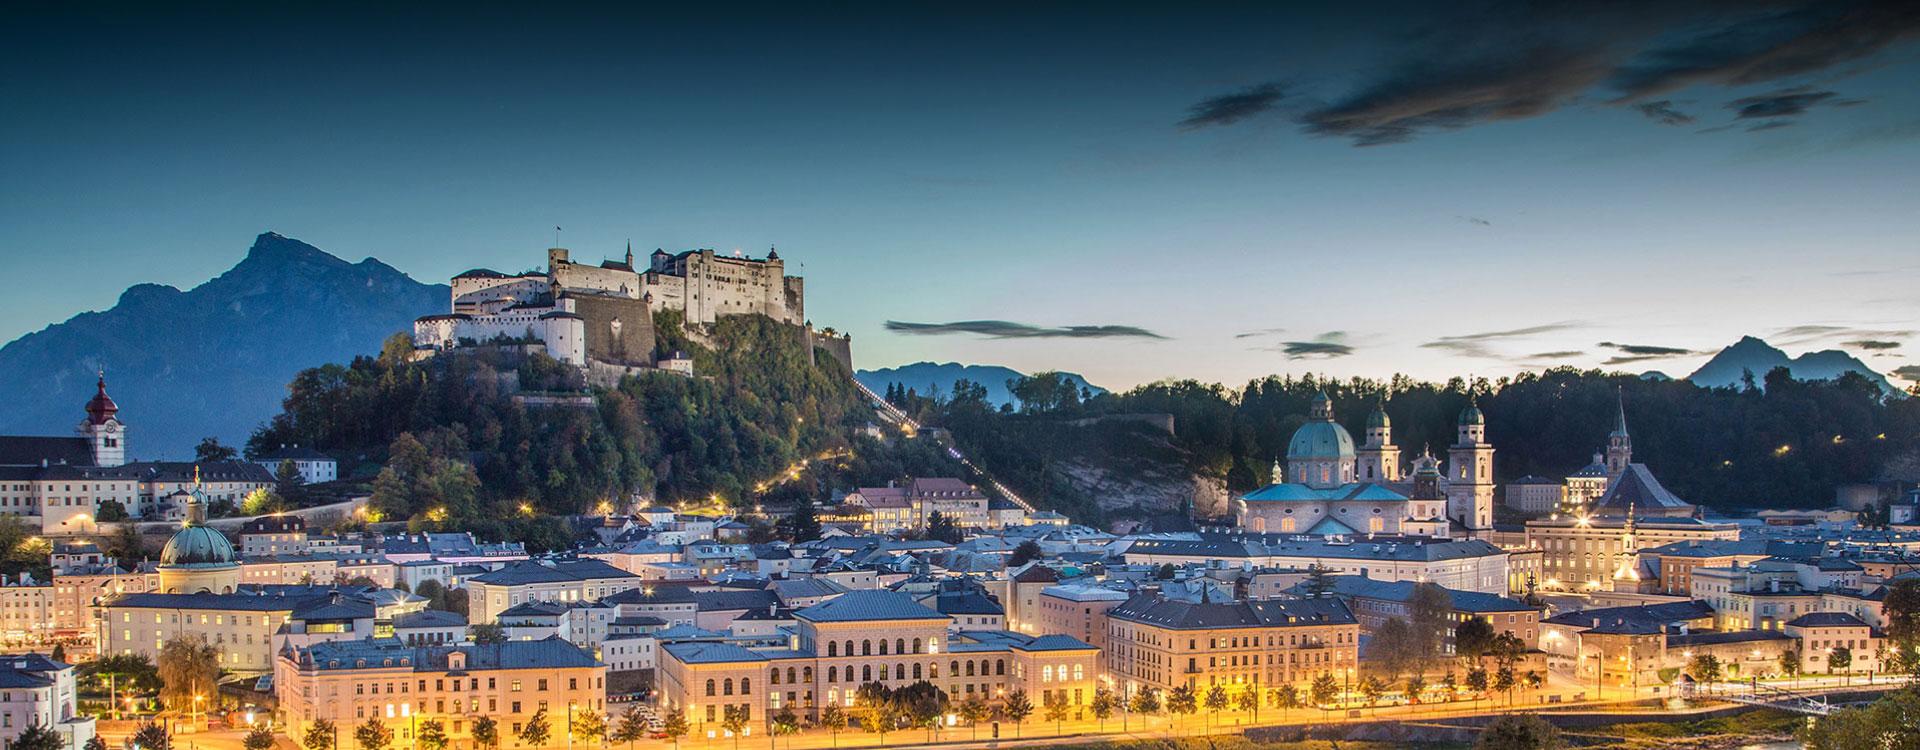 Ausflugsziel Stadt Salzburg